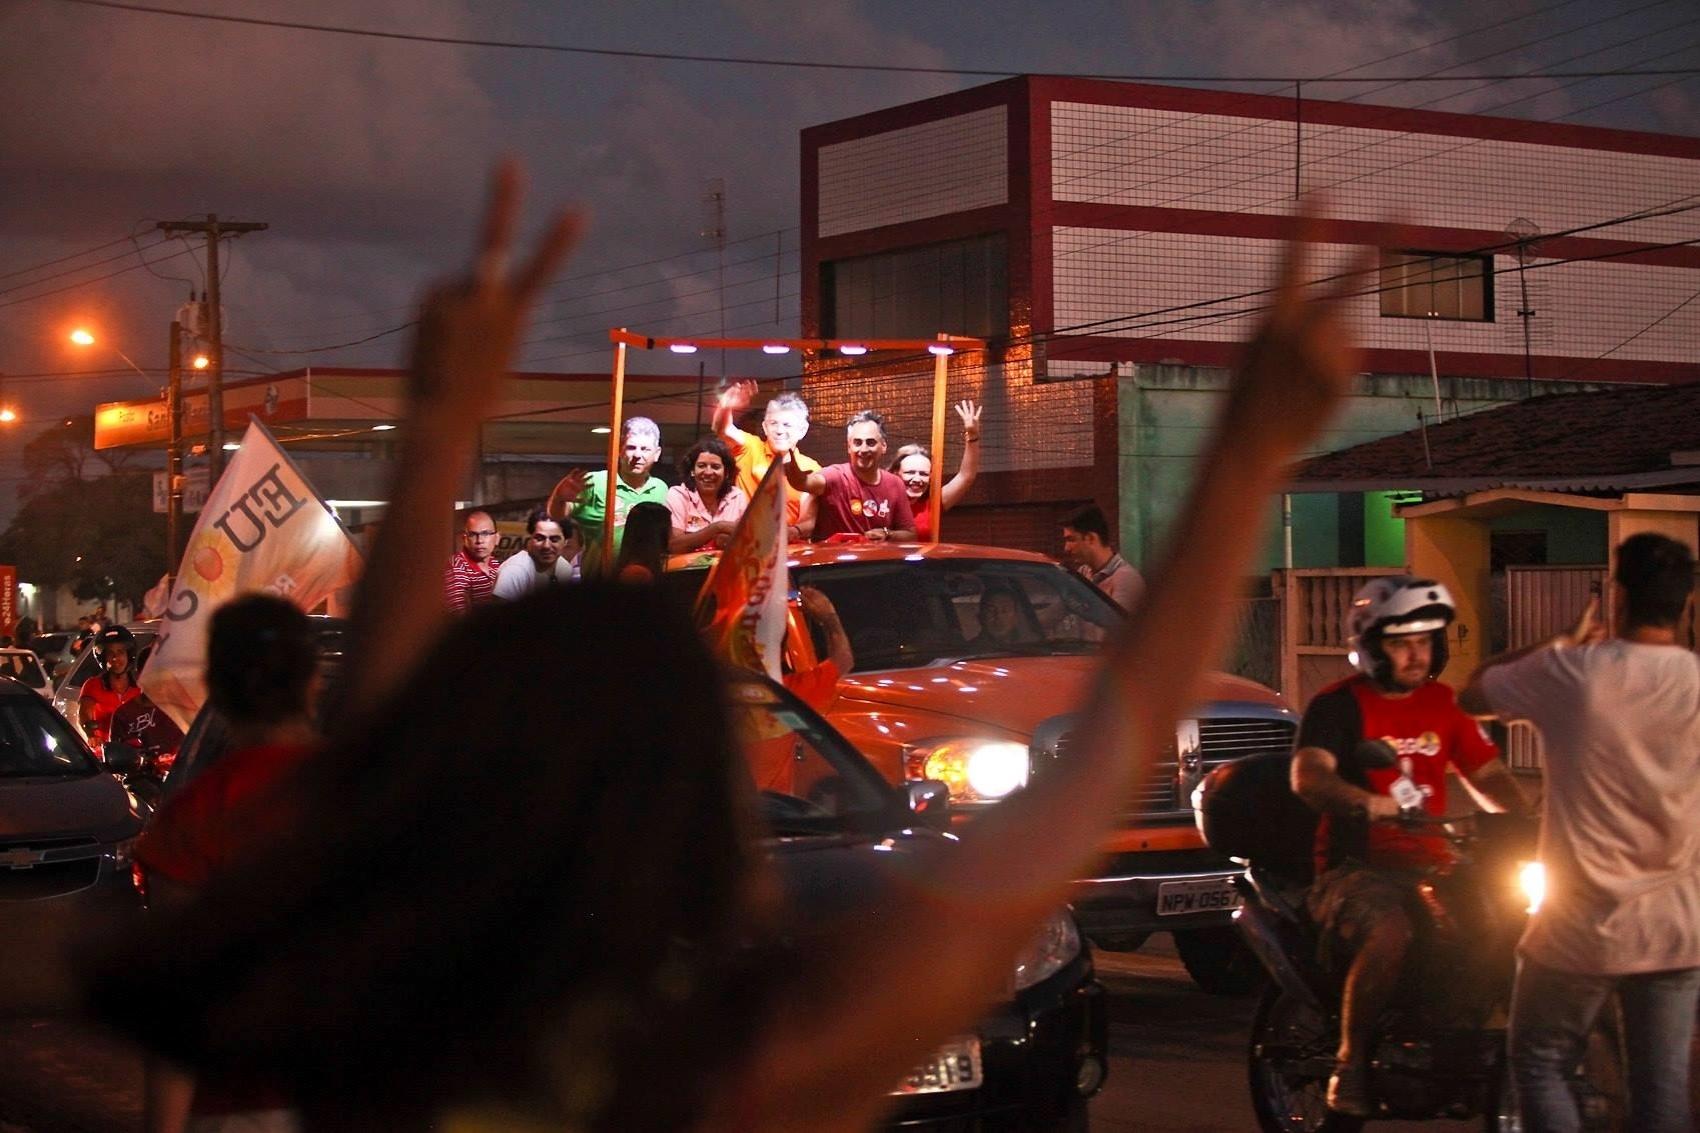 4.out.2014 - O governador da Paraíba e candidato à reeleição pelo PSB, Ricardo Coutinho, participa, junto com Lucélio Cartaxo, candidato do PT ao Senado pela Paraíba, de carreata em Mangabeira, João Pessoa. De acordo com pesquisa Ibope de intenções de voto divulgada hoje, Coutinho e Cássio Cunha Lima, candidato do PSDB ao governo da Paraíba, estão empatados, os dois com 47% das intenções de voto